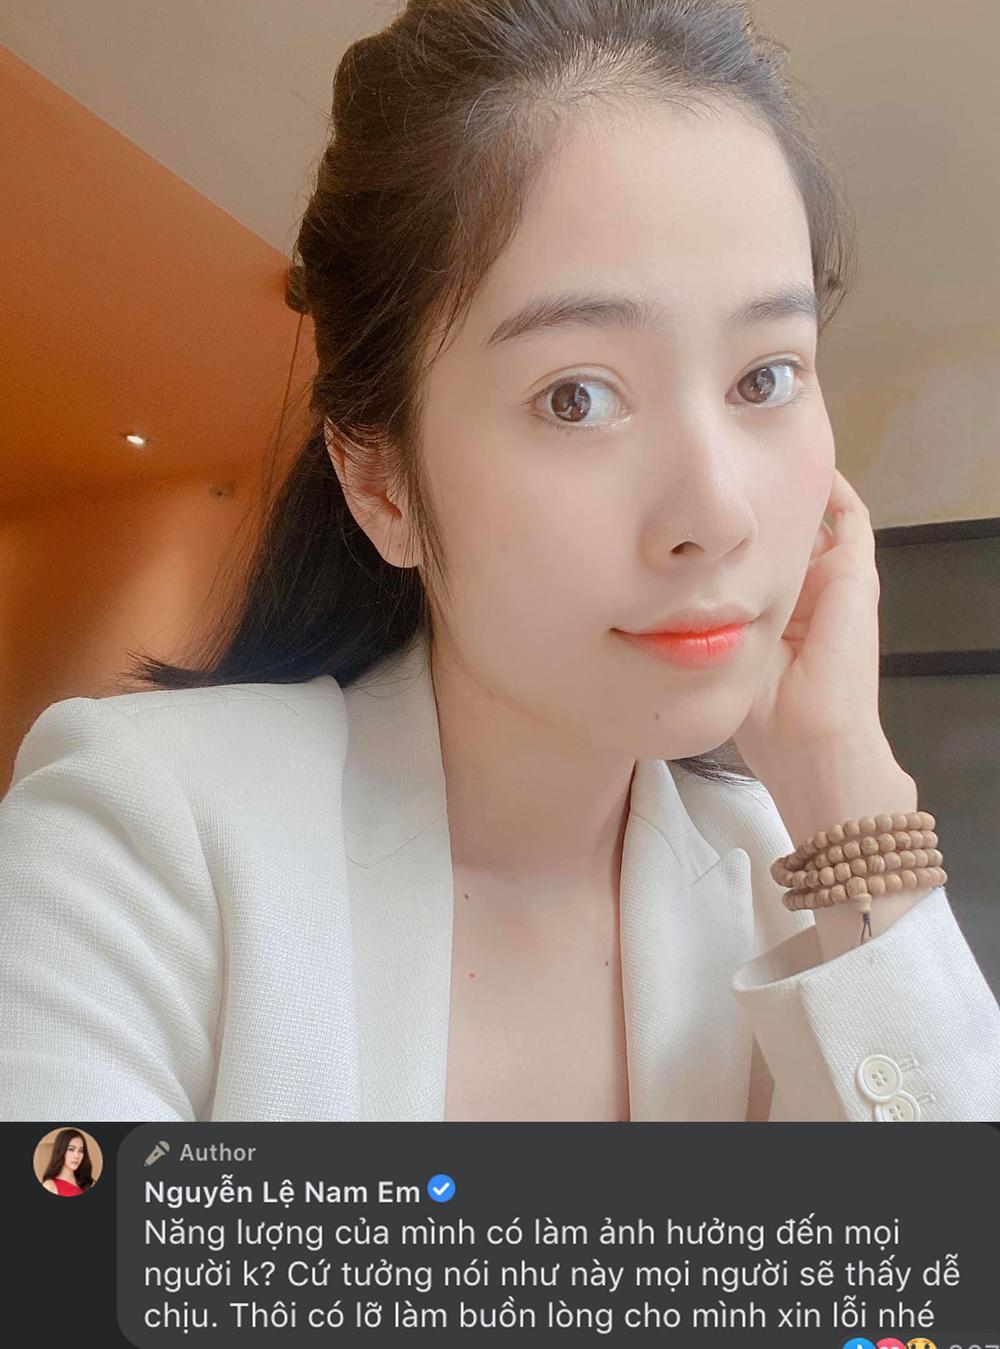 Sau công khai yêu Lãnh Thanh, Nam Em xin lỗi fan trước dòng trạng thái bị nghi ngờ mắc trầm cảm trở lại Ảnh 5